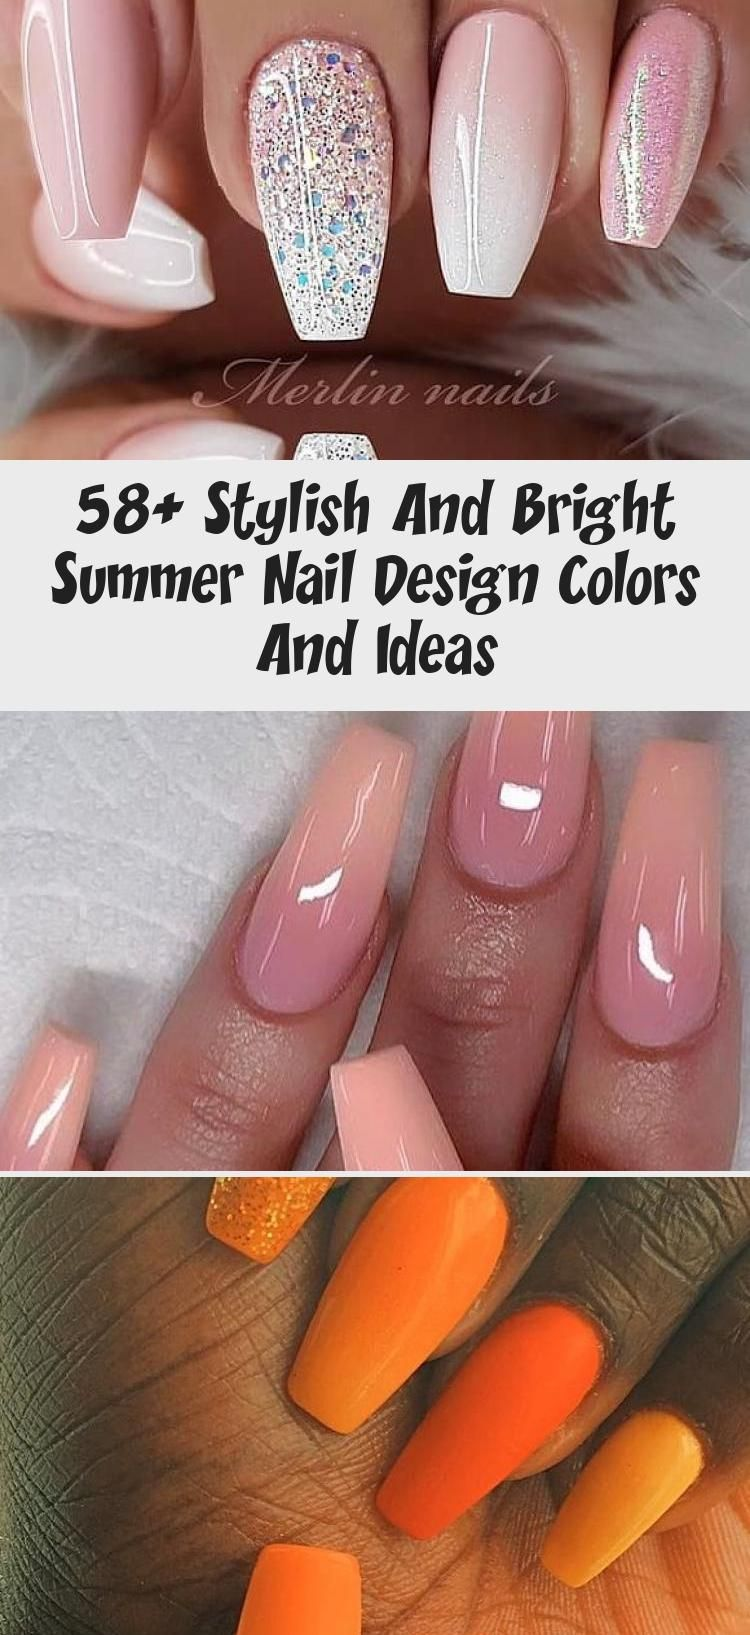 58+ Stylish und Bright Summer Nail Design Farben und Ideen – NAIL ART